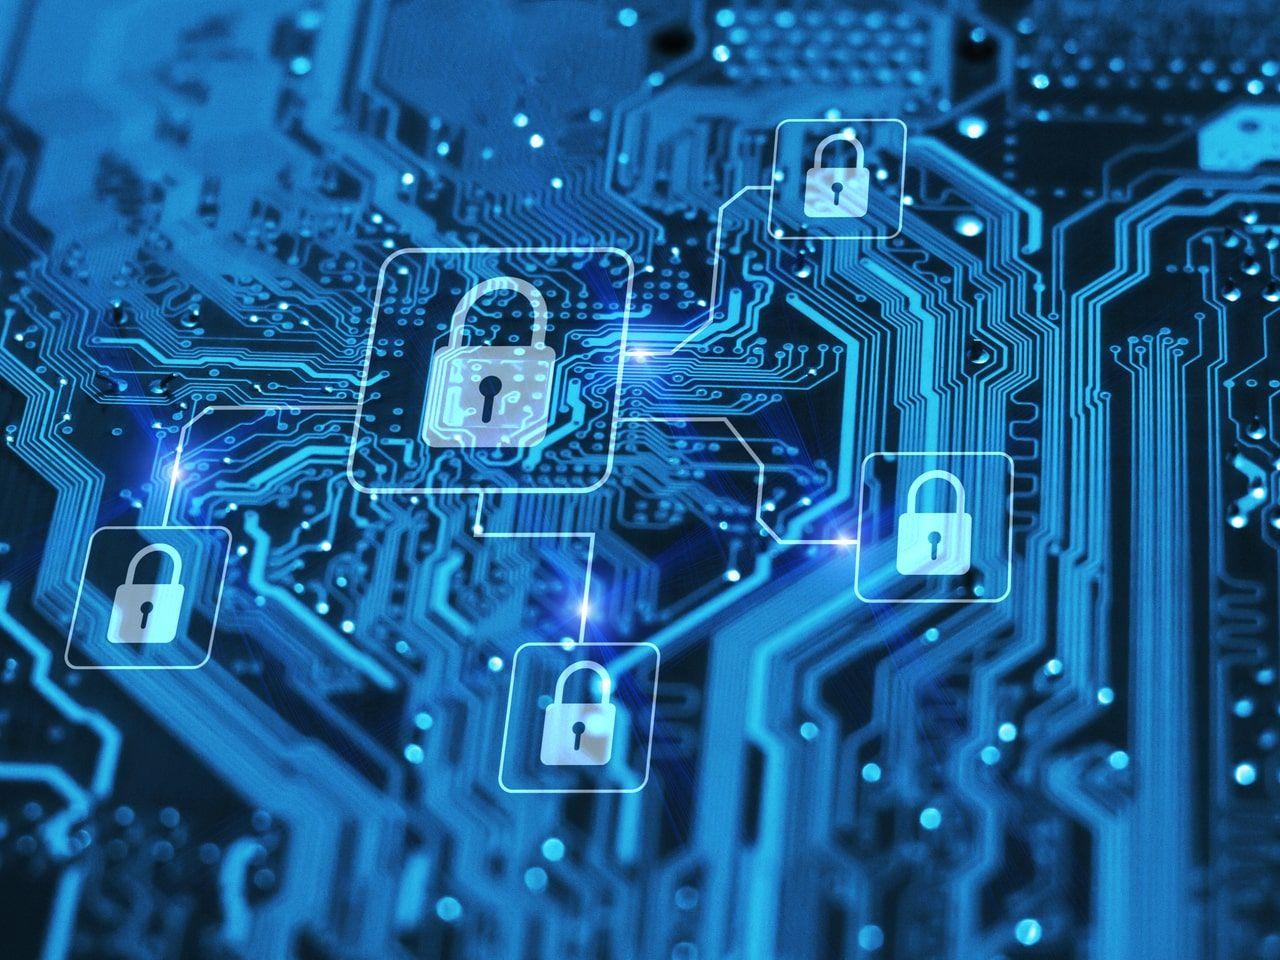 """Panda Security: """"el reto de la ciberseguridad en 2020 es asegurar que las personas sean quienes dicen ser"""""""